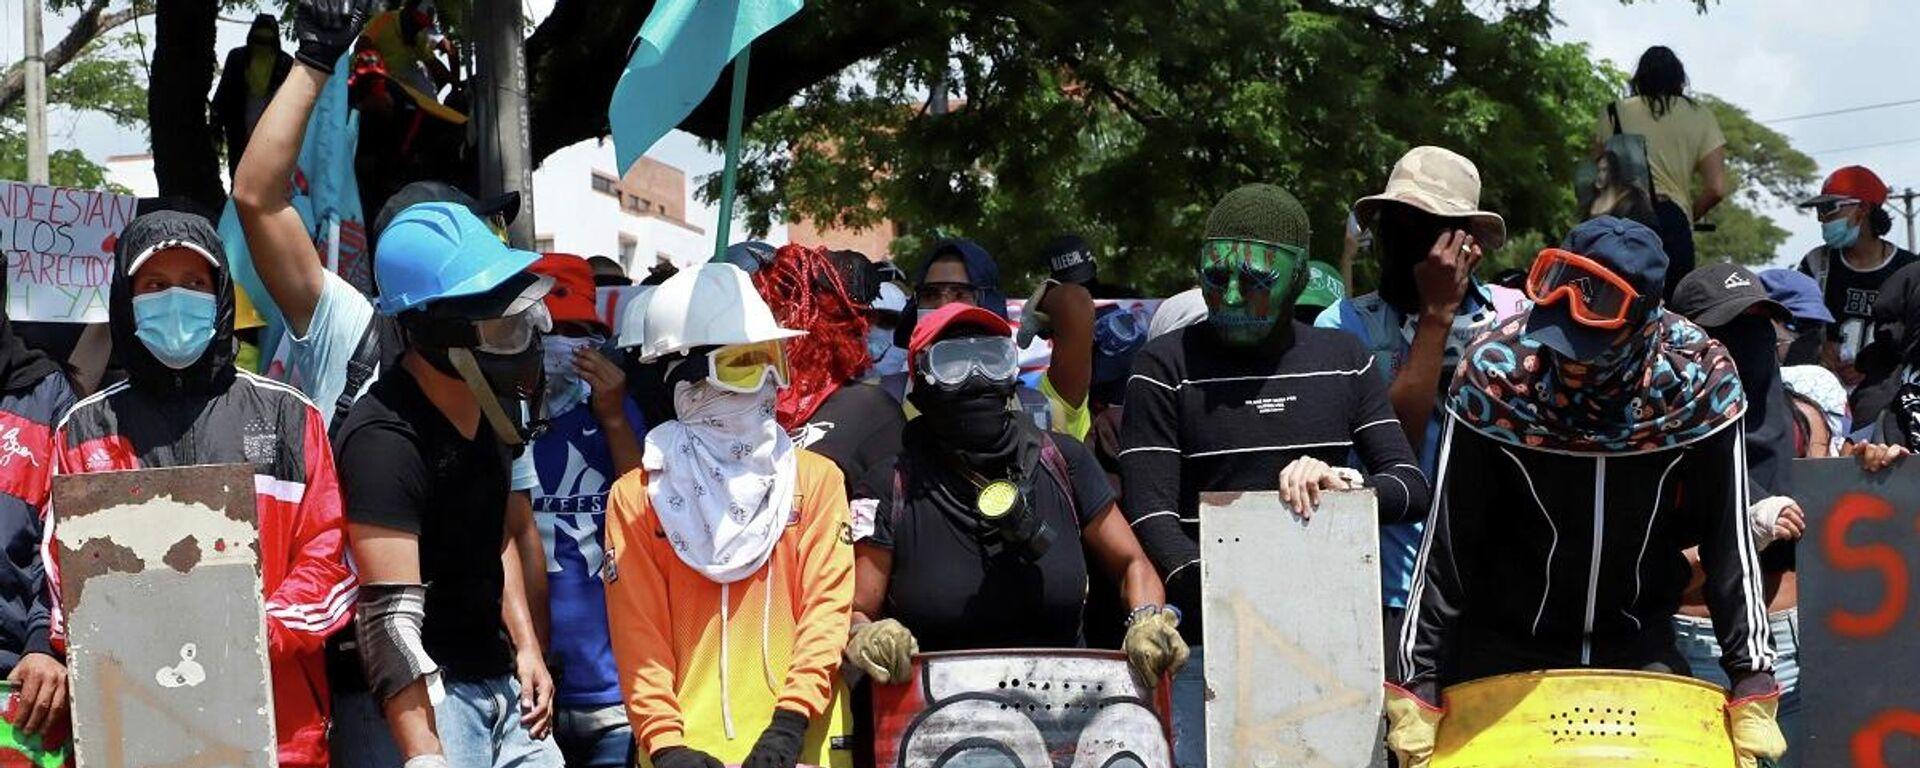 Protestas en la ciudad de Cali, Colombia - Sputnik Mundo, 1920, 29.05.2021